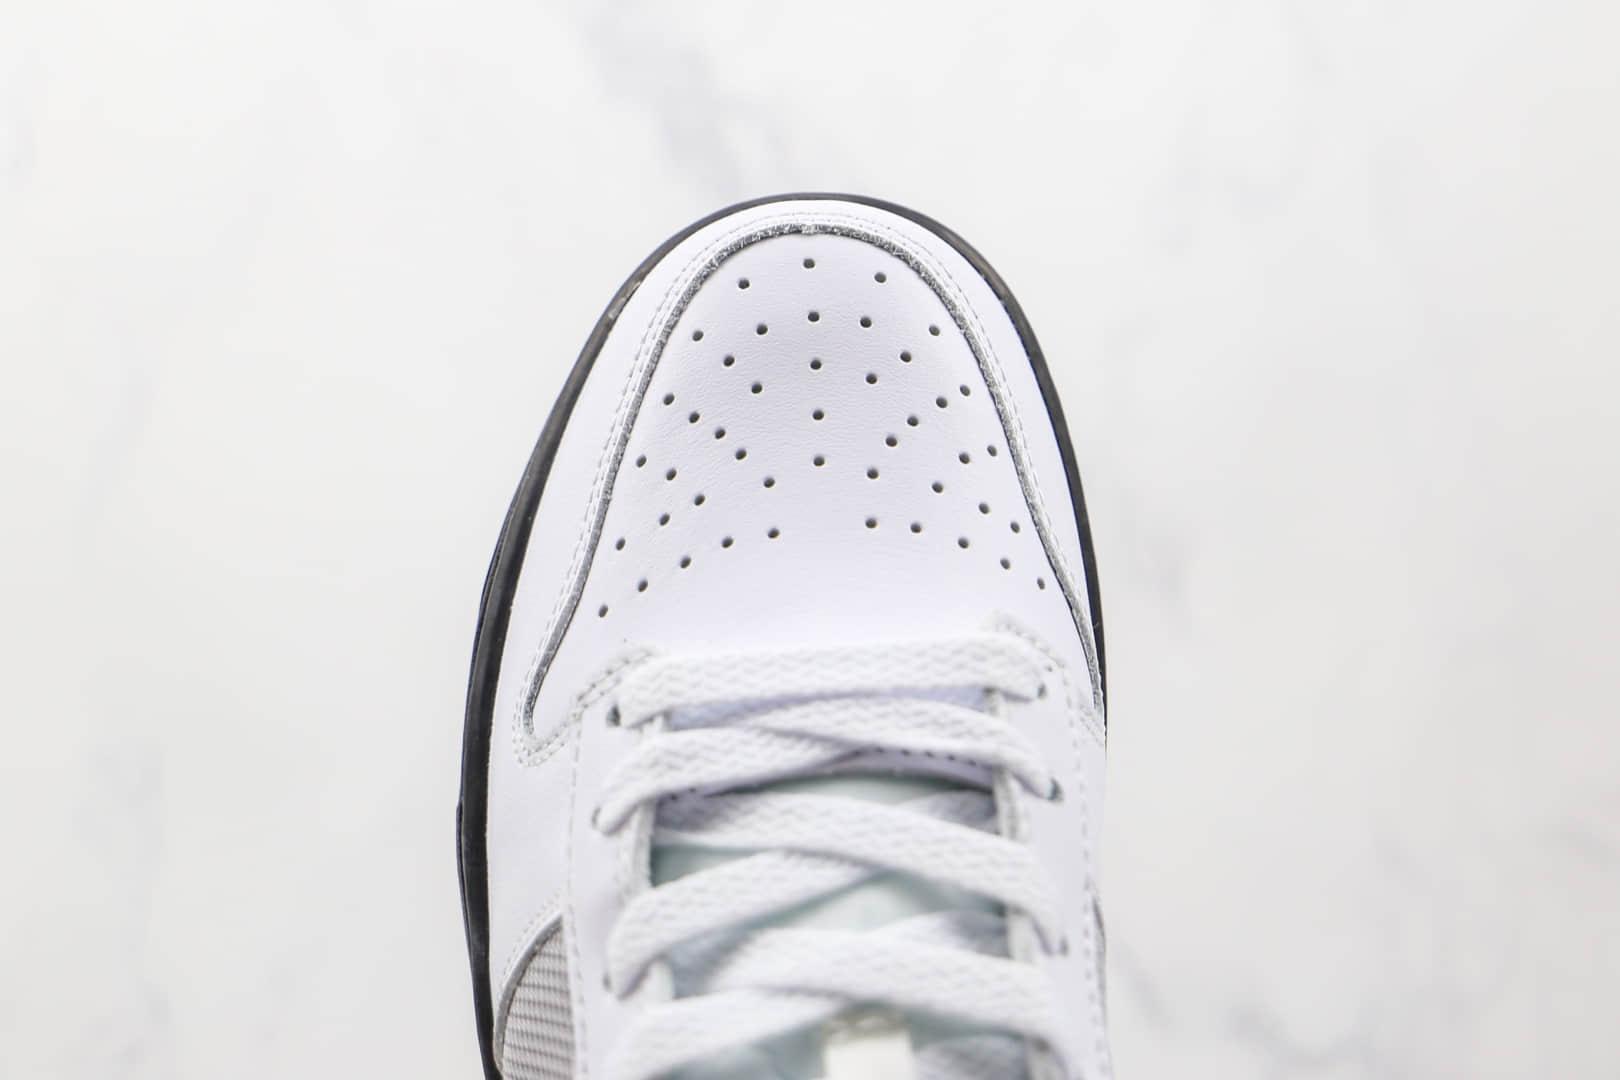 耐克Nike Dunk SB Low Pro纯原版本低帮SB DUNK元年白灰板鞋原鞋开模一比一打造 货号:317813-101